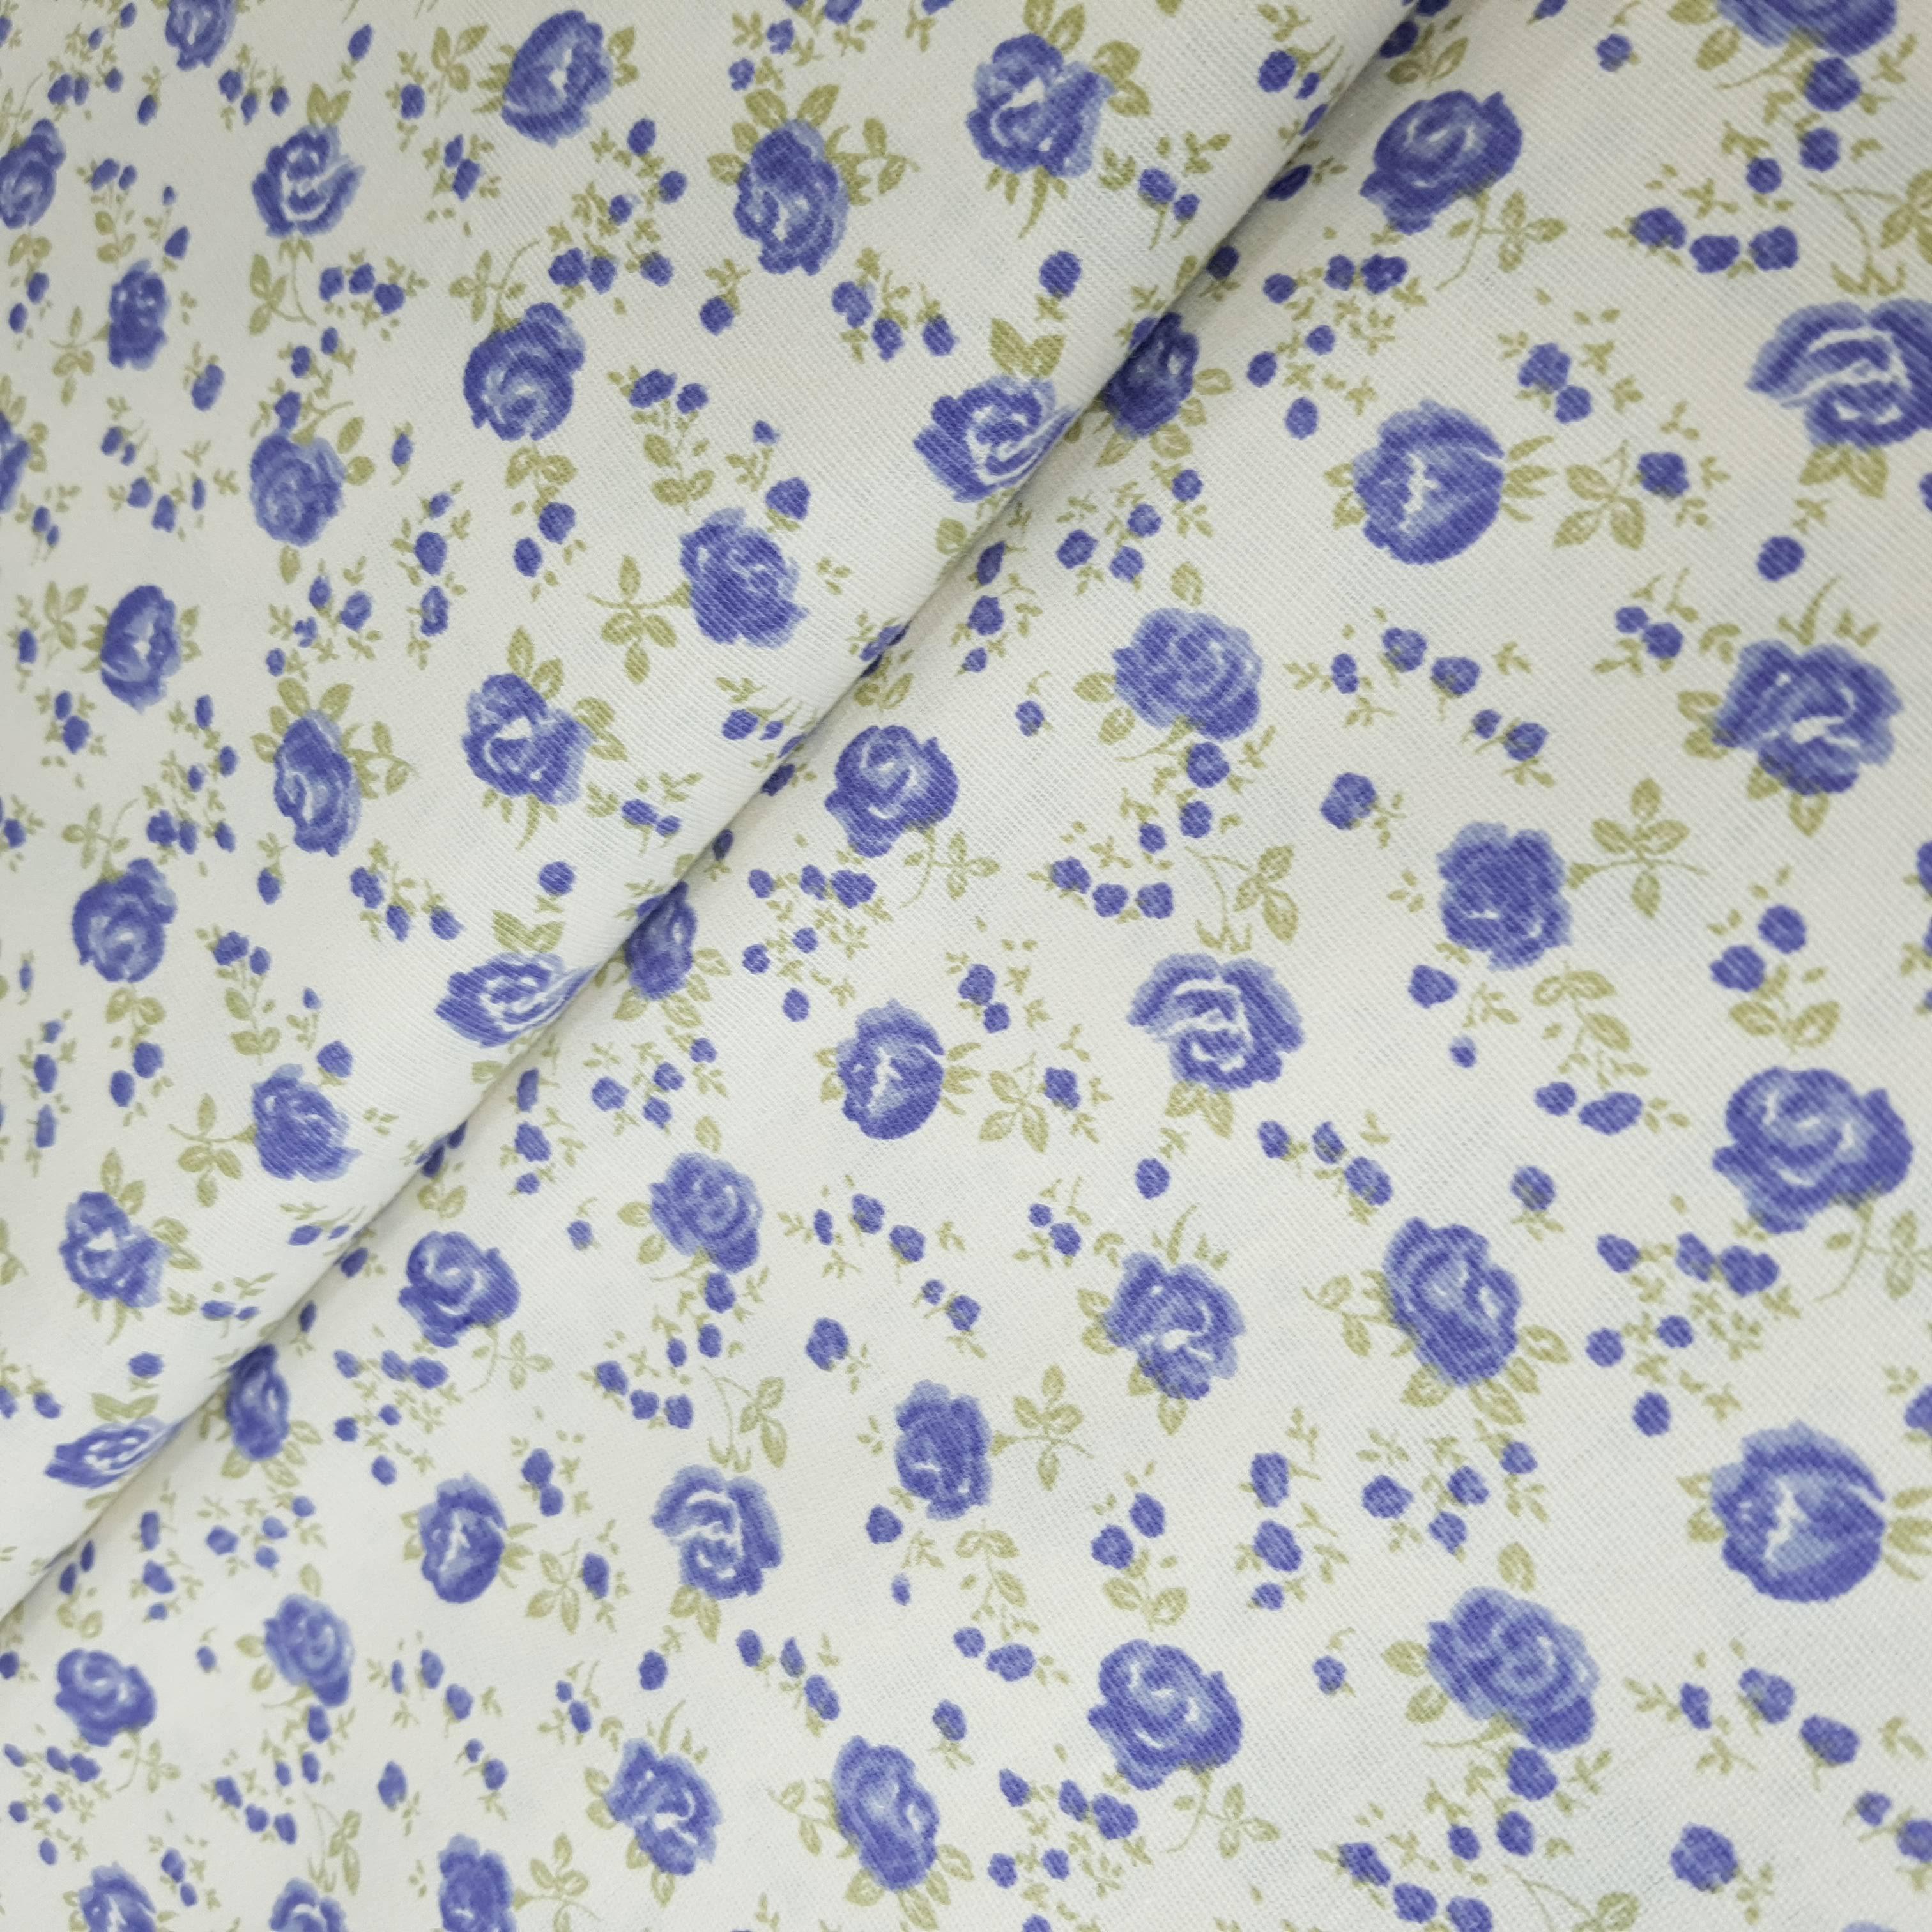 Tricoline 100% Algodão - Floral Rosas Azul